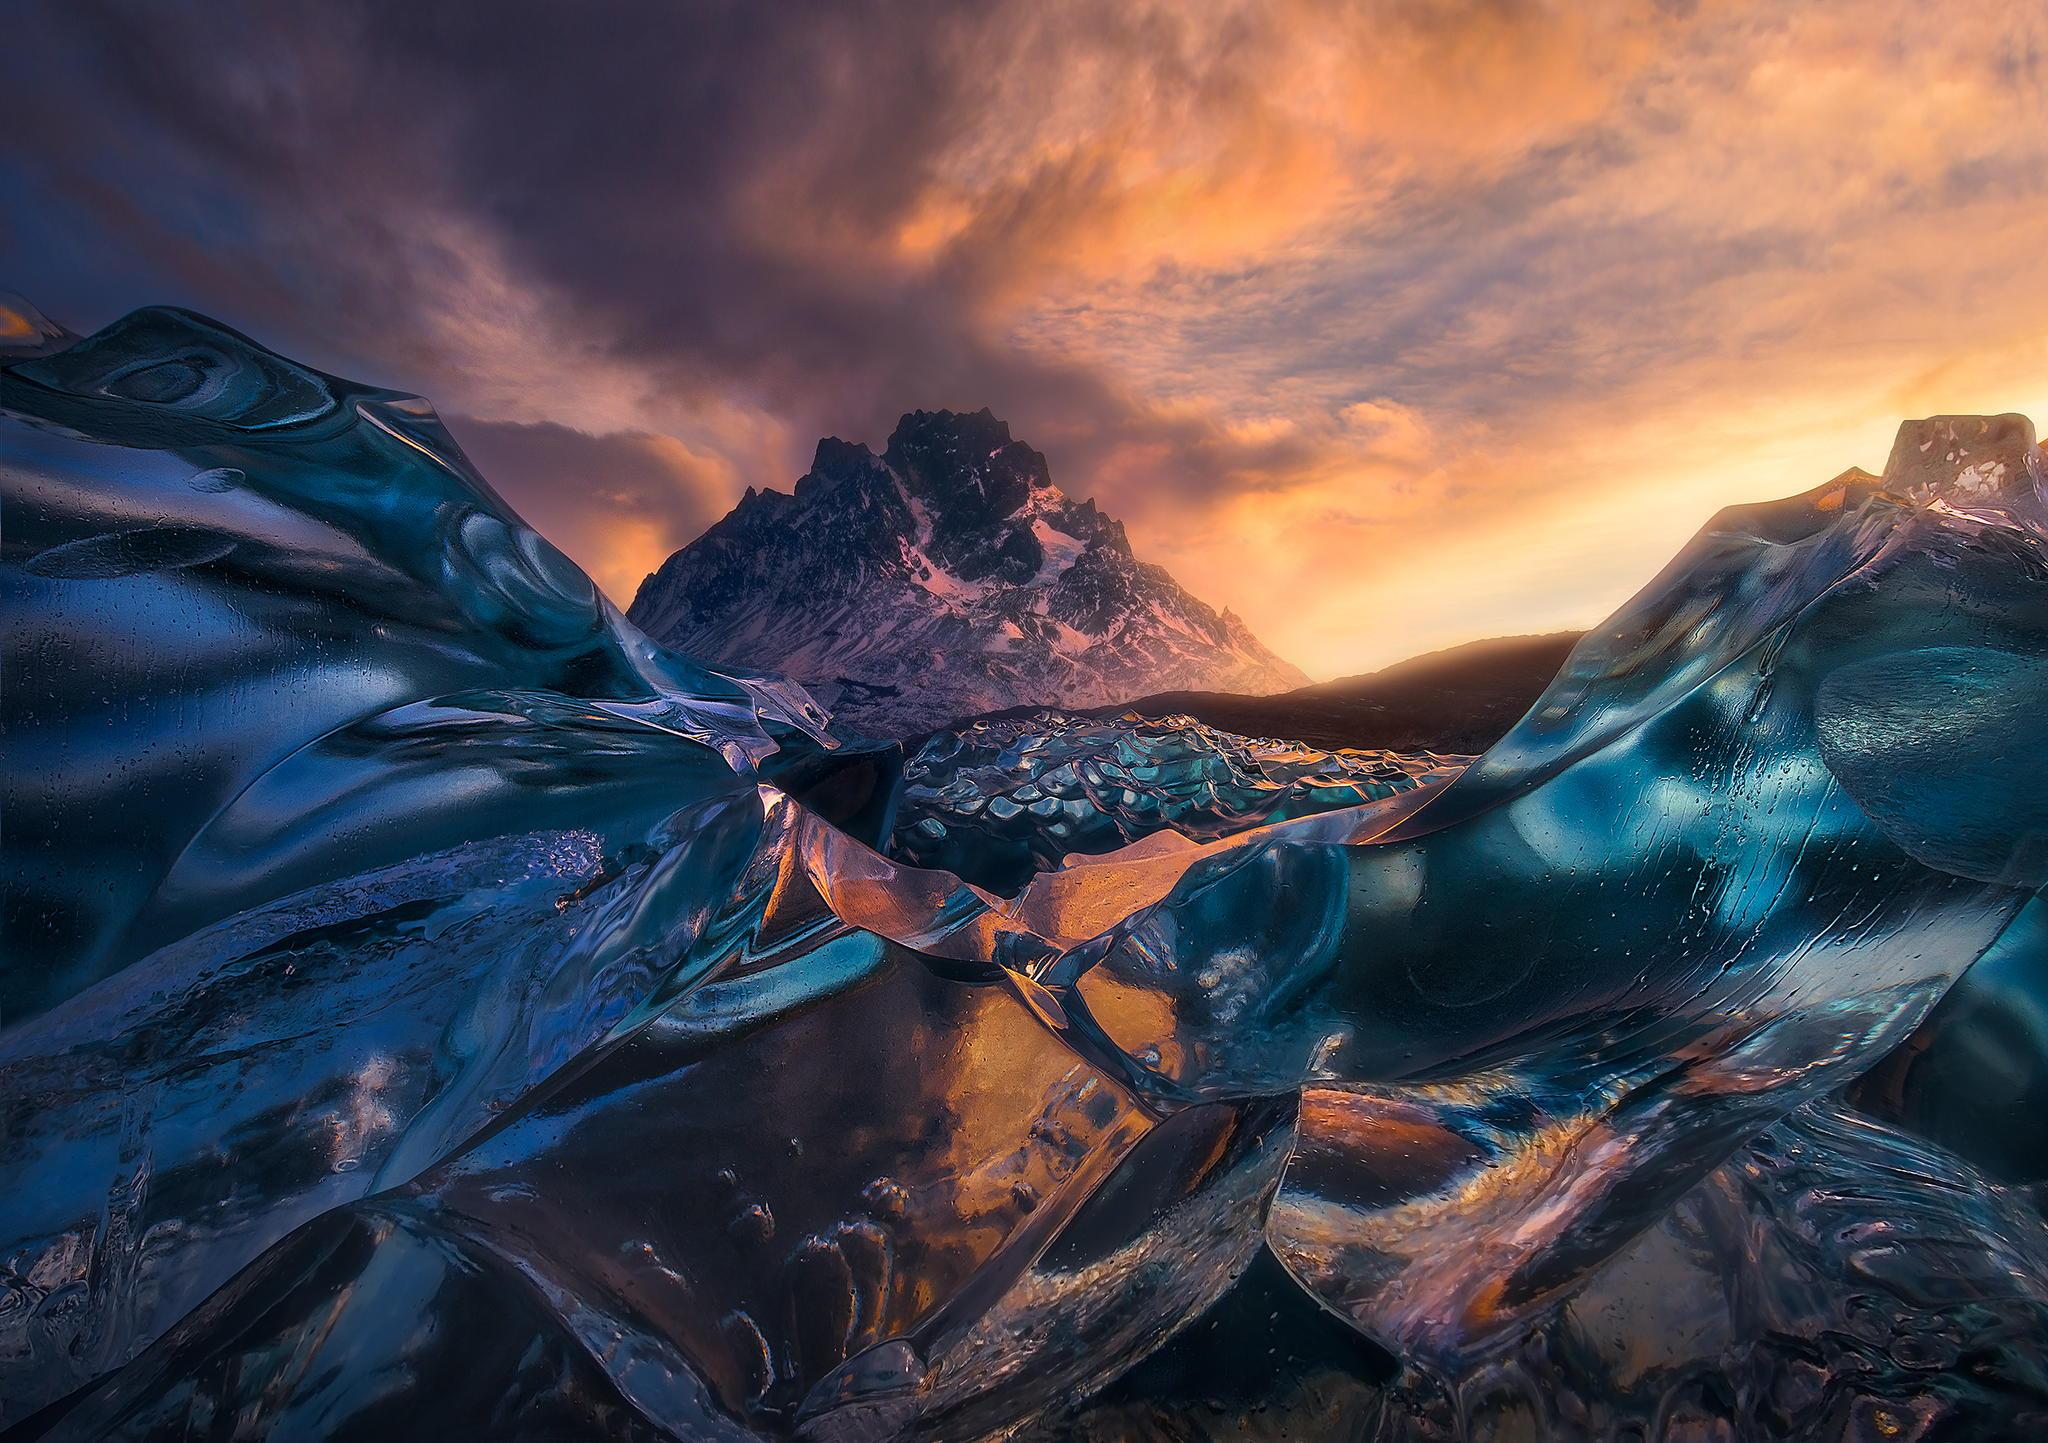 500px Blog Best Of 2014 Top 10 Landscape Photos